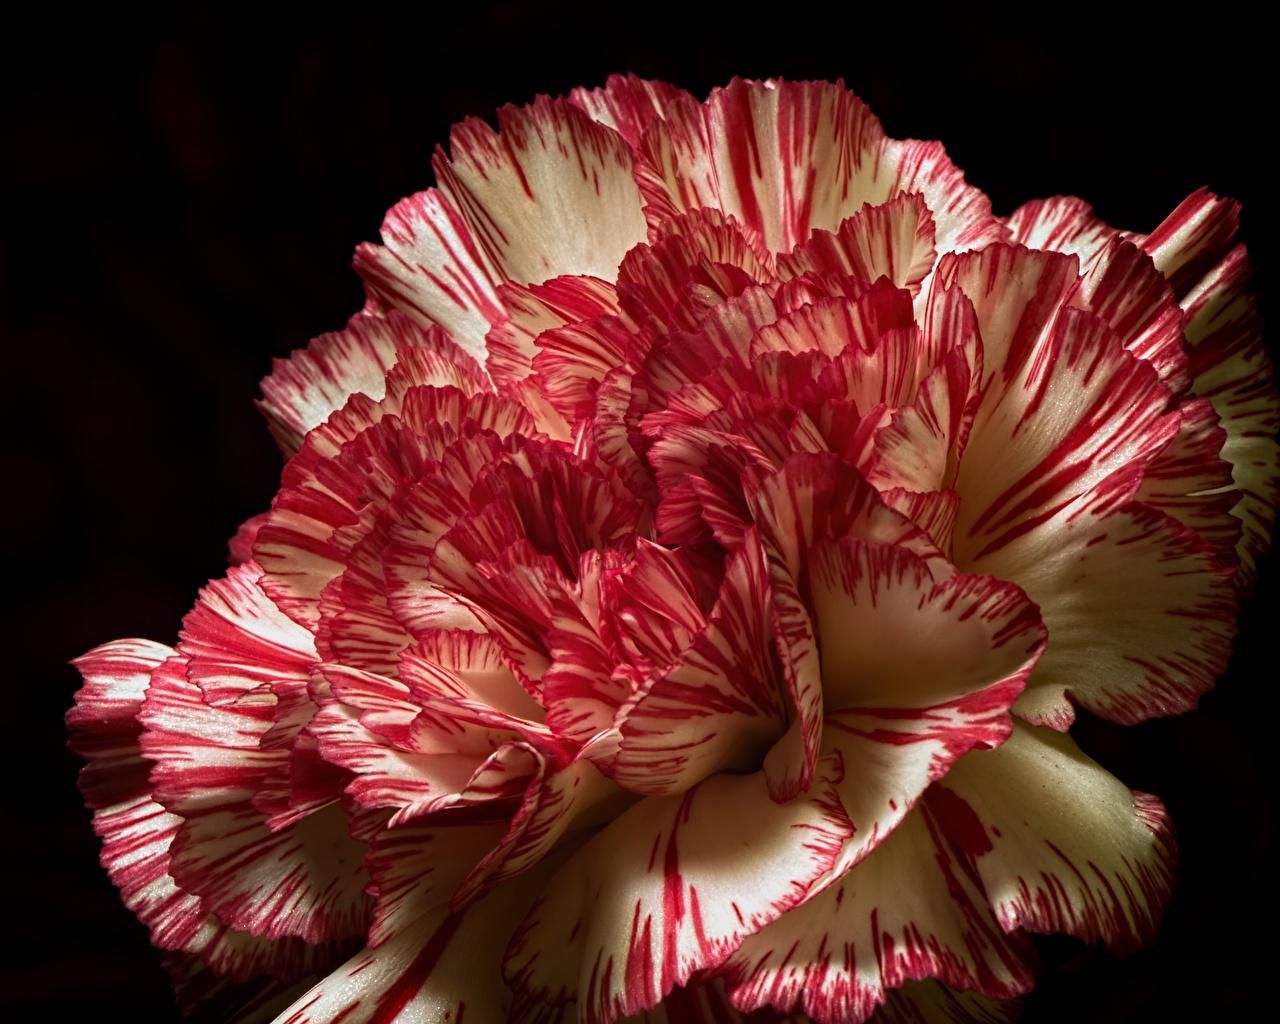 Картинки цветок Гвоздики Черный фон Крупным планом Цветы гвоздика вблизи на черном фоне